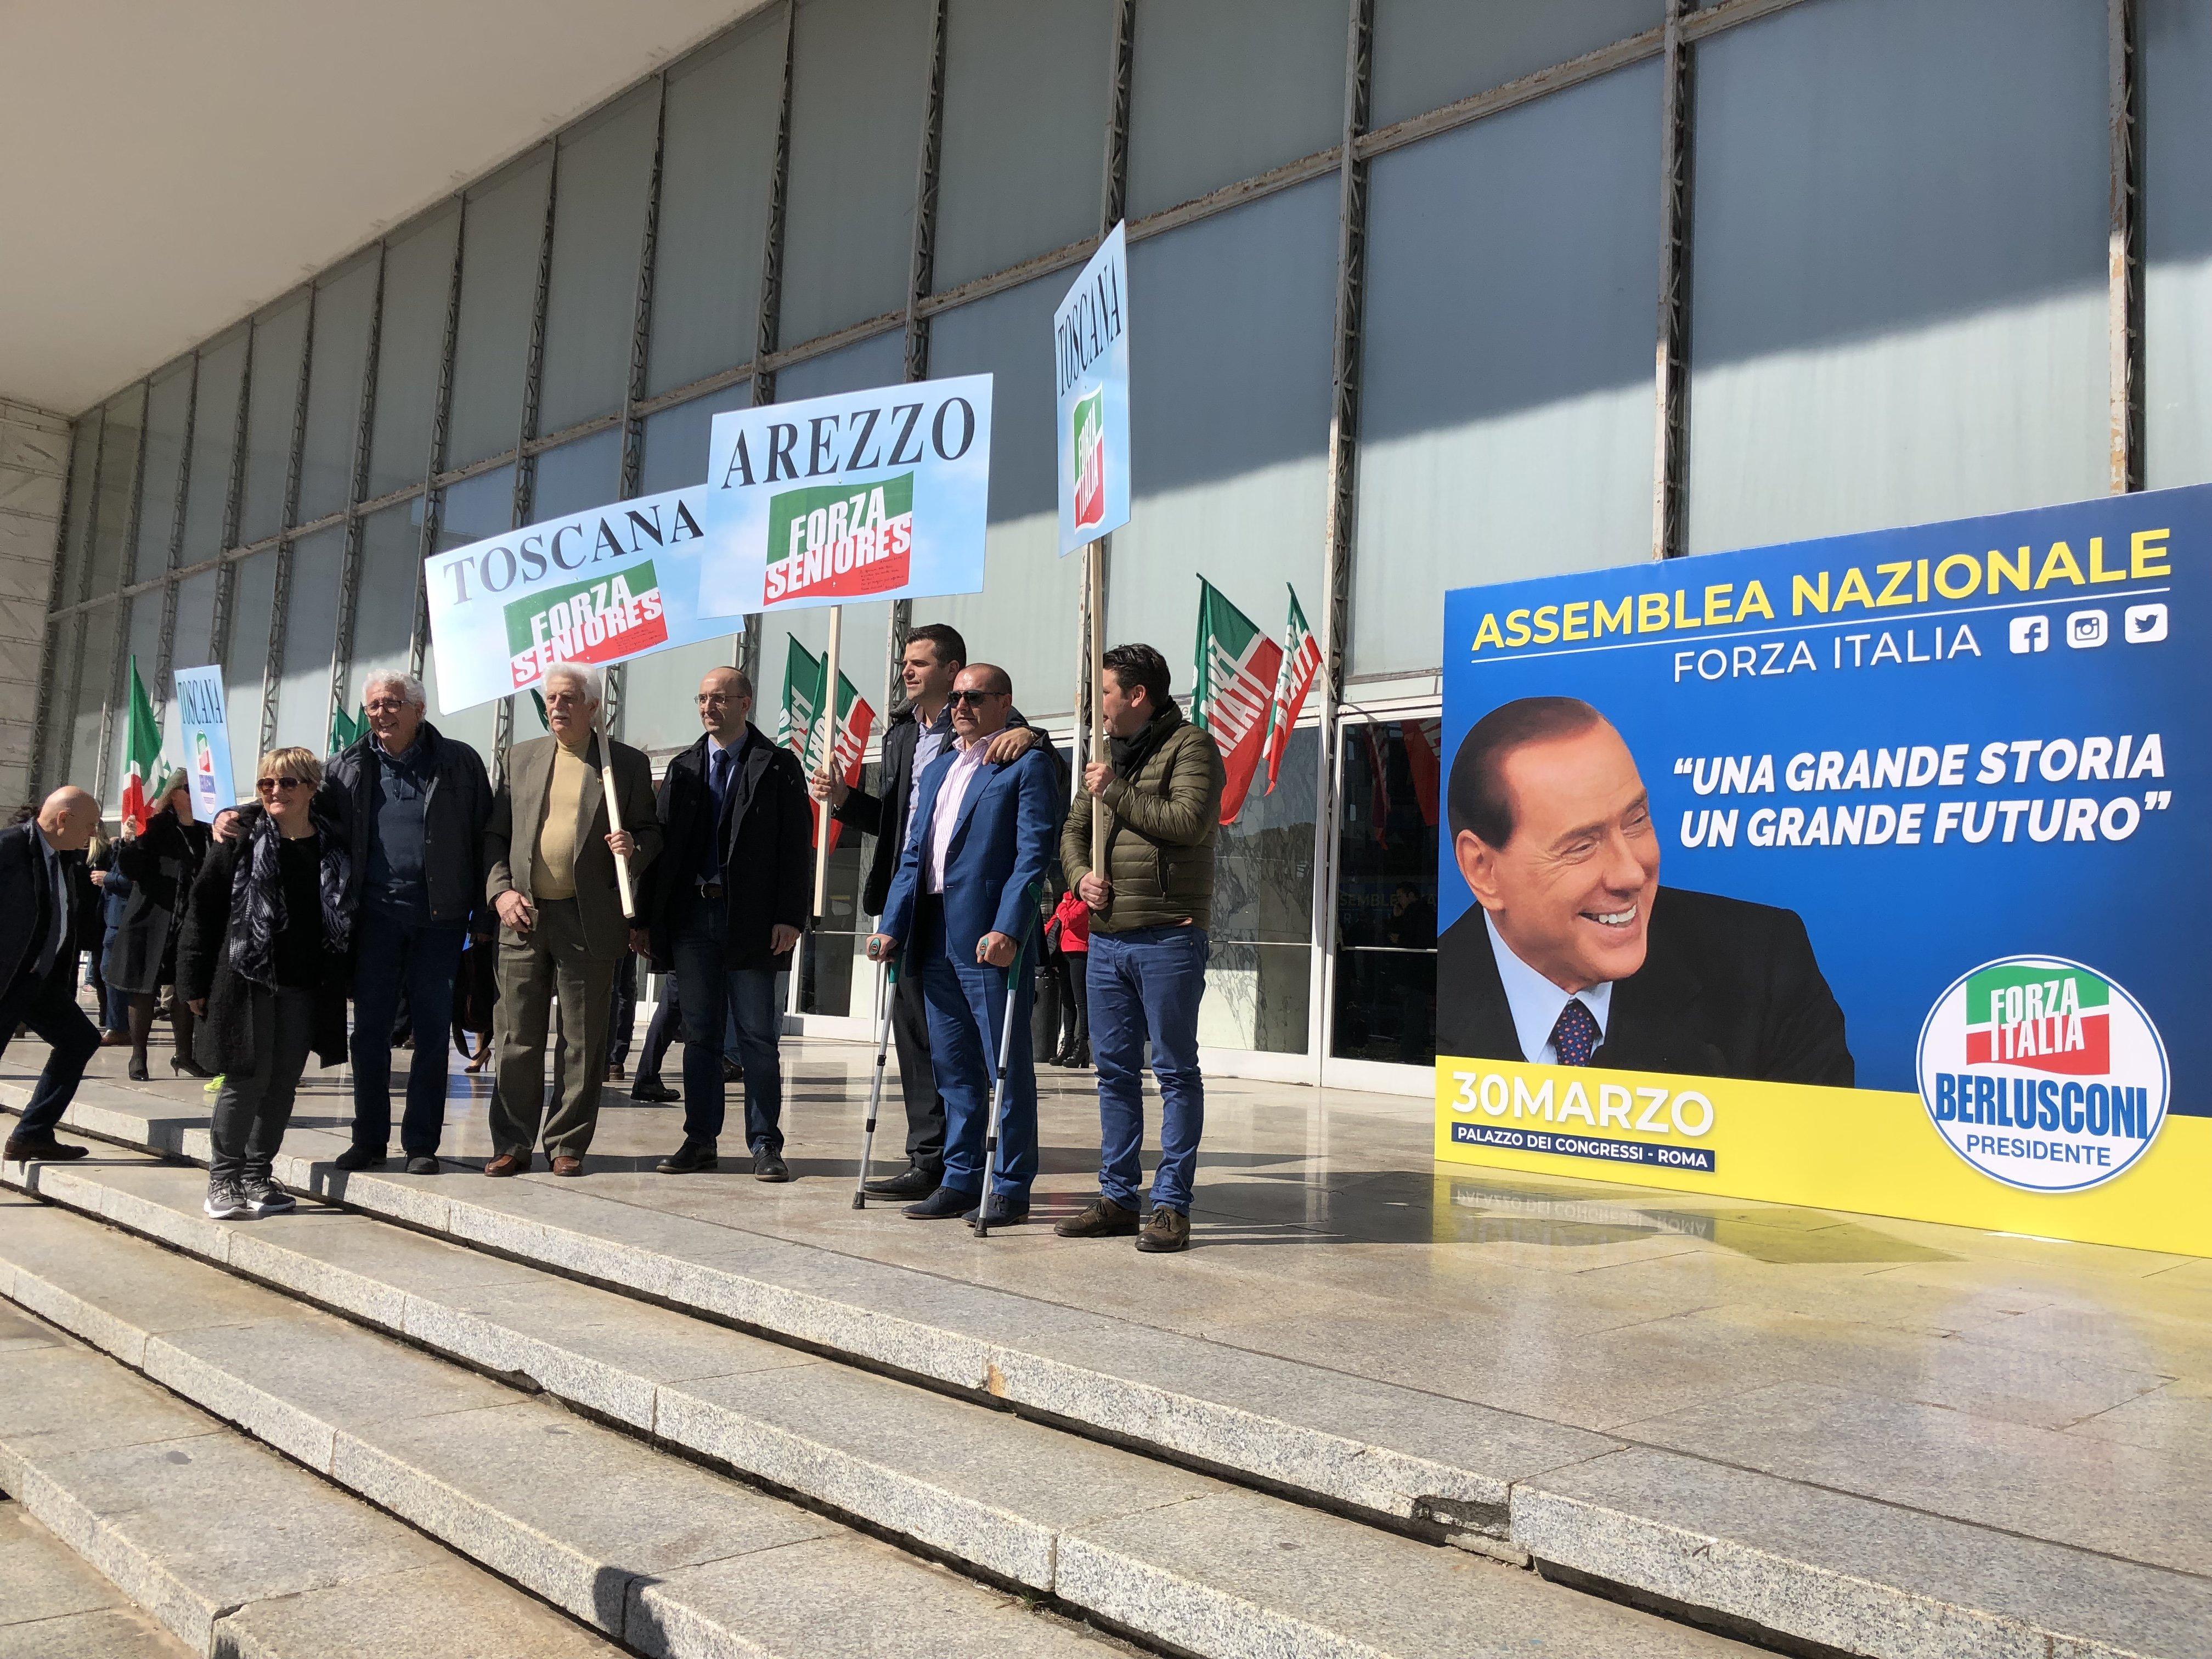 Assemblea Nazionale: Arezzo c'è! 19